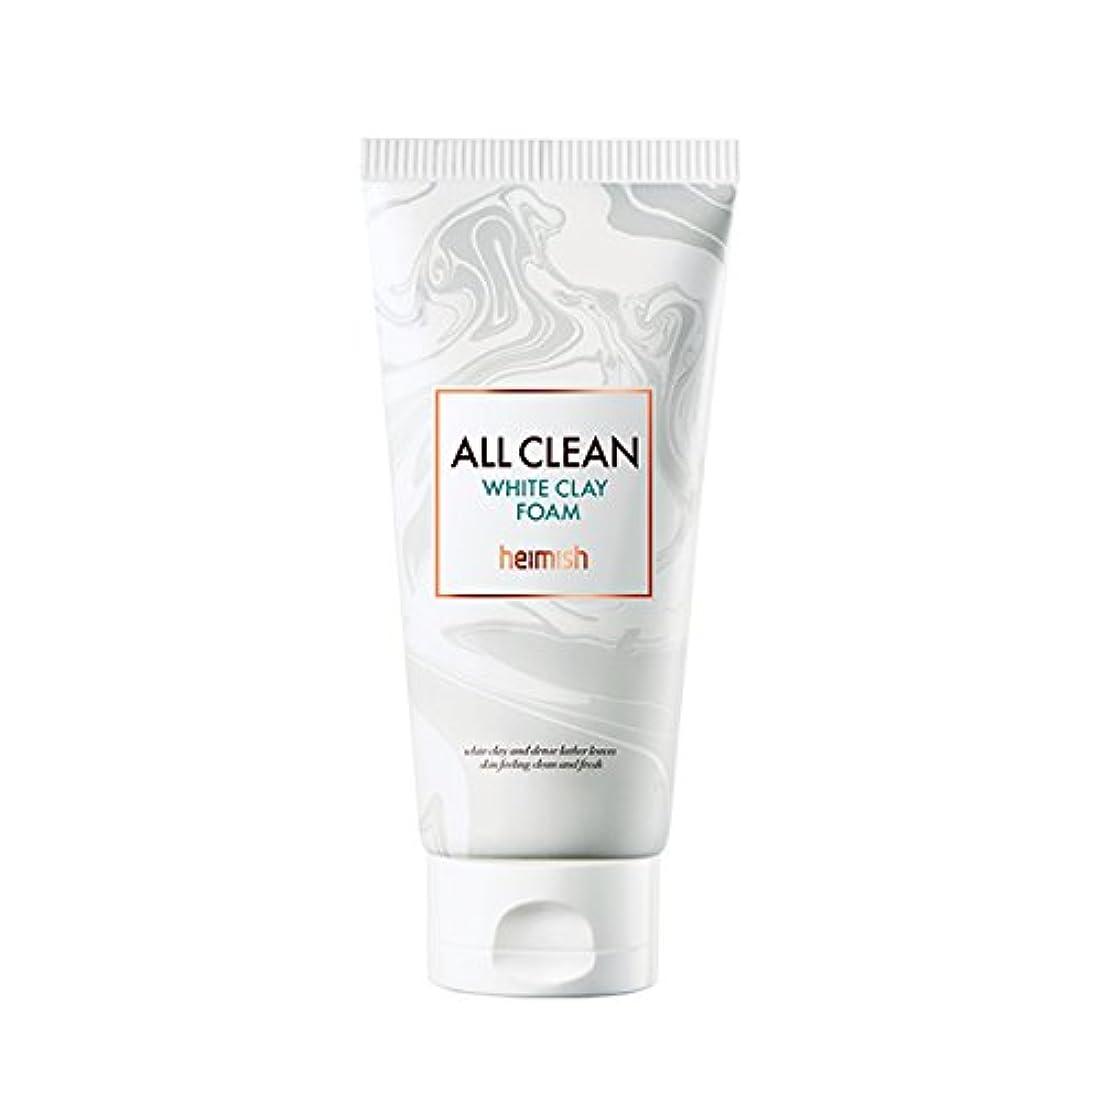 暴徒弱めるめ言葉heimish All Clean White Clay Foam 150g/ヘイミッシュ オールクリーン ホワイト クレイ フォーム 150g